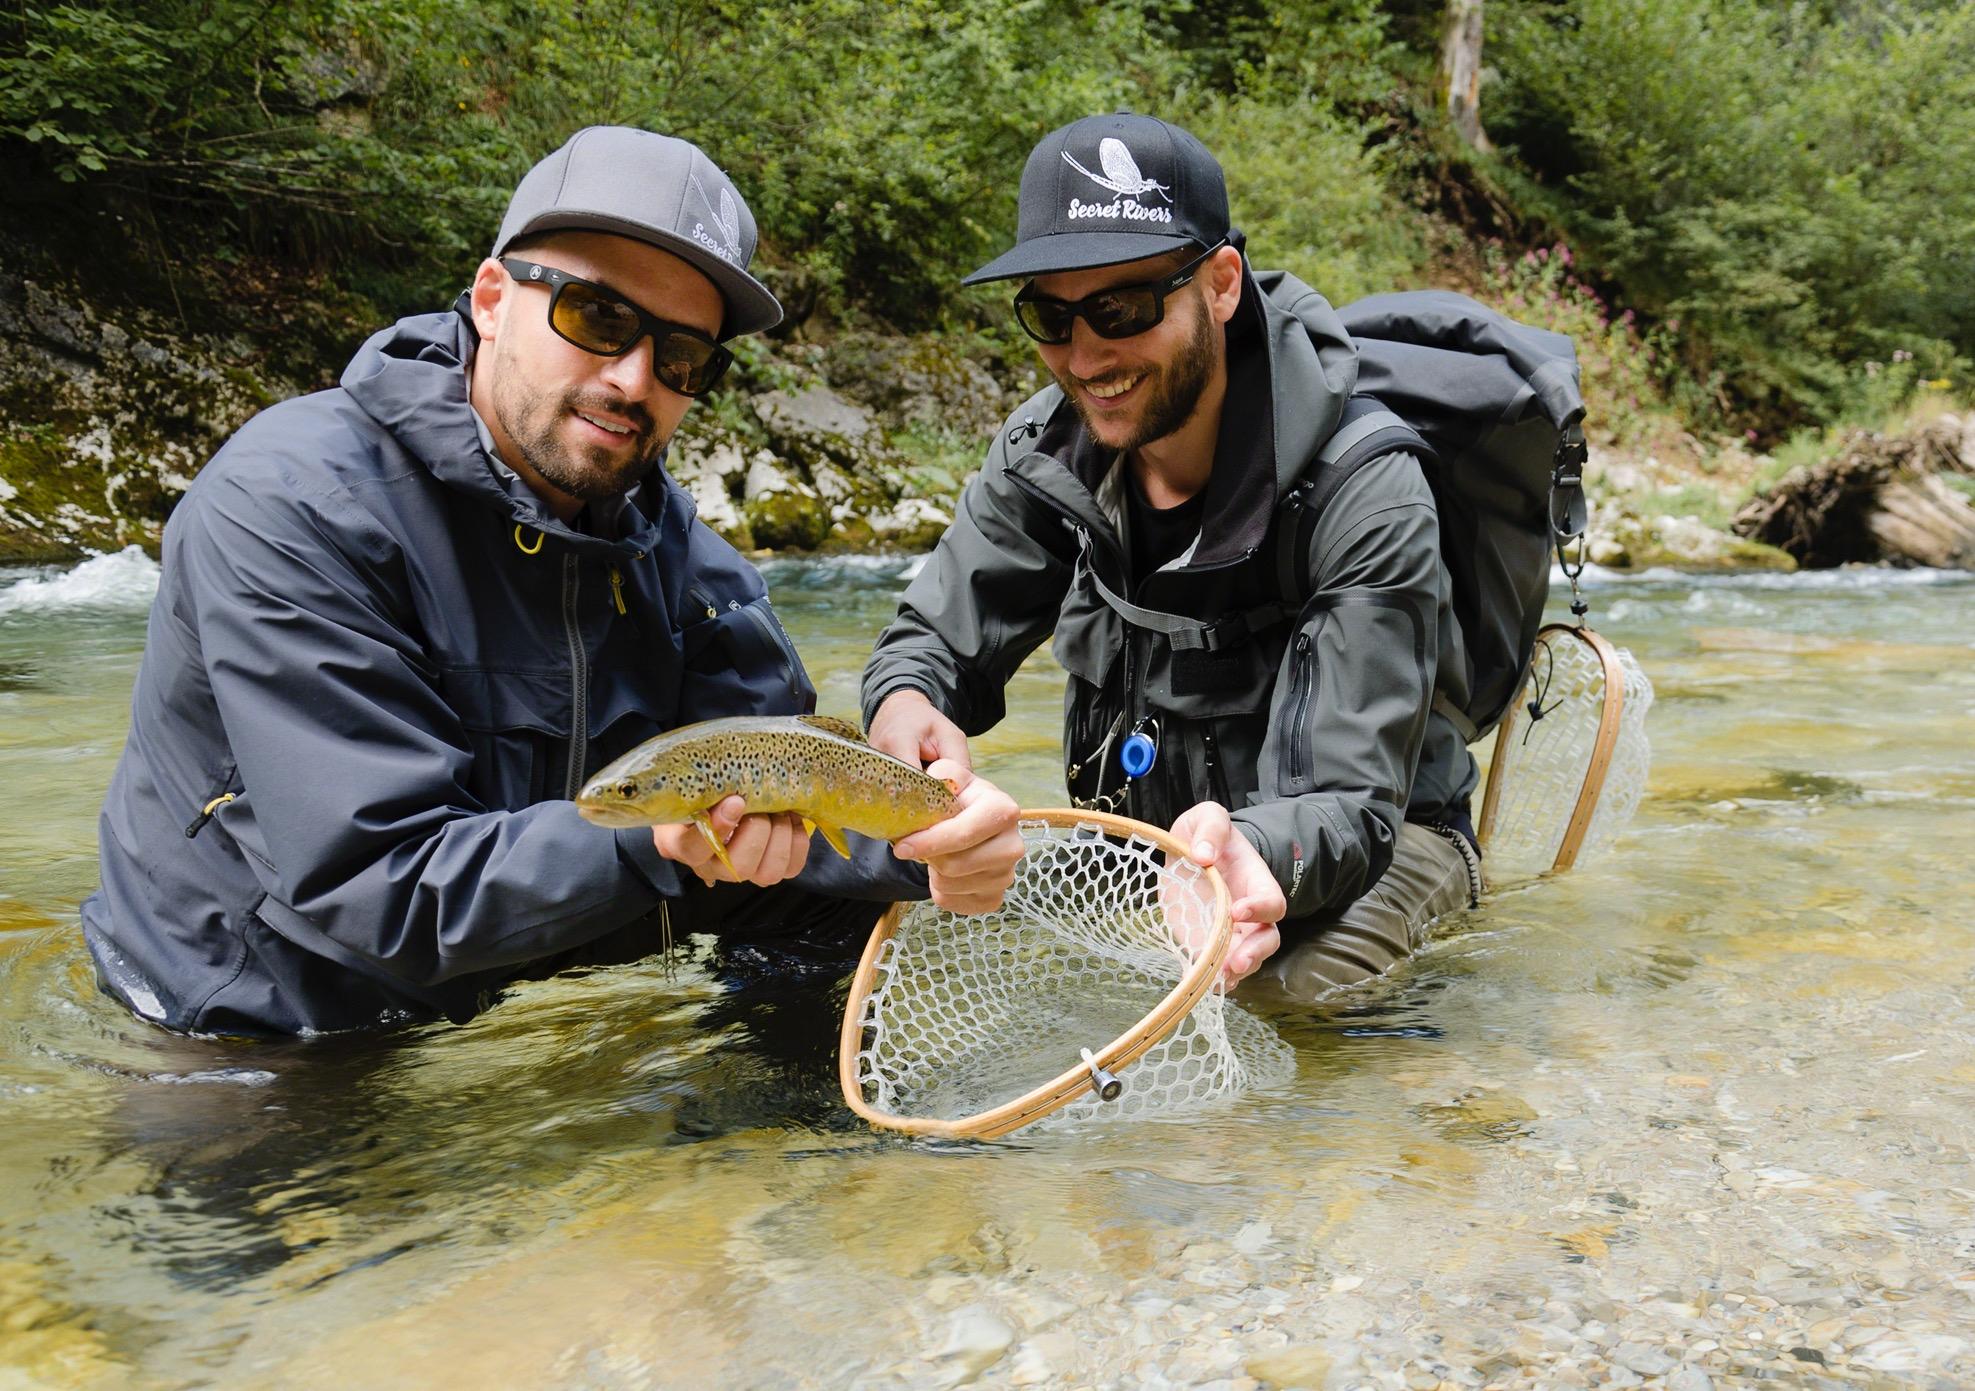 Das Organisationsteam des Festivals in Österreich und der Schweiz: Sebastian Bremm und Thomas Schatzmann von Secret Rivers Fly Fishing © Miriam Mehlman